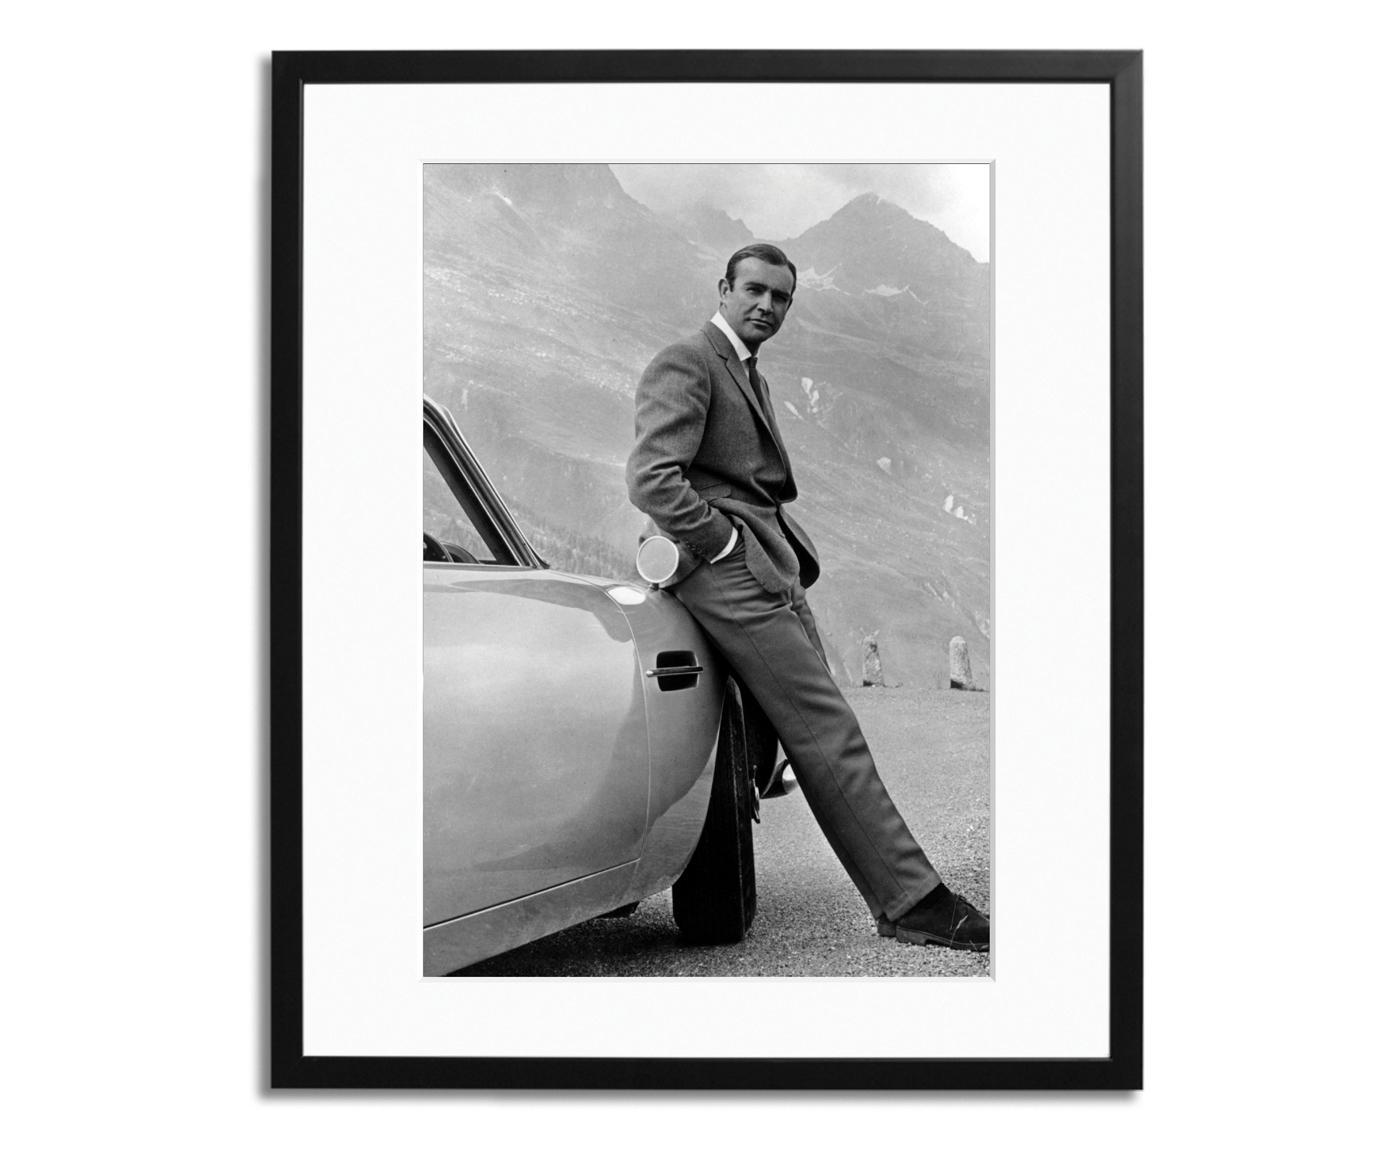 Stampa fotografica incorniciata Connery, Immagine: carta Fuji Crystal Archiv, Cornice: plexiglass, legno vernici, Nero, bianco, L 40 x A 50 cm